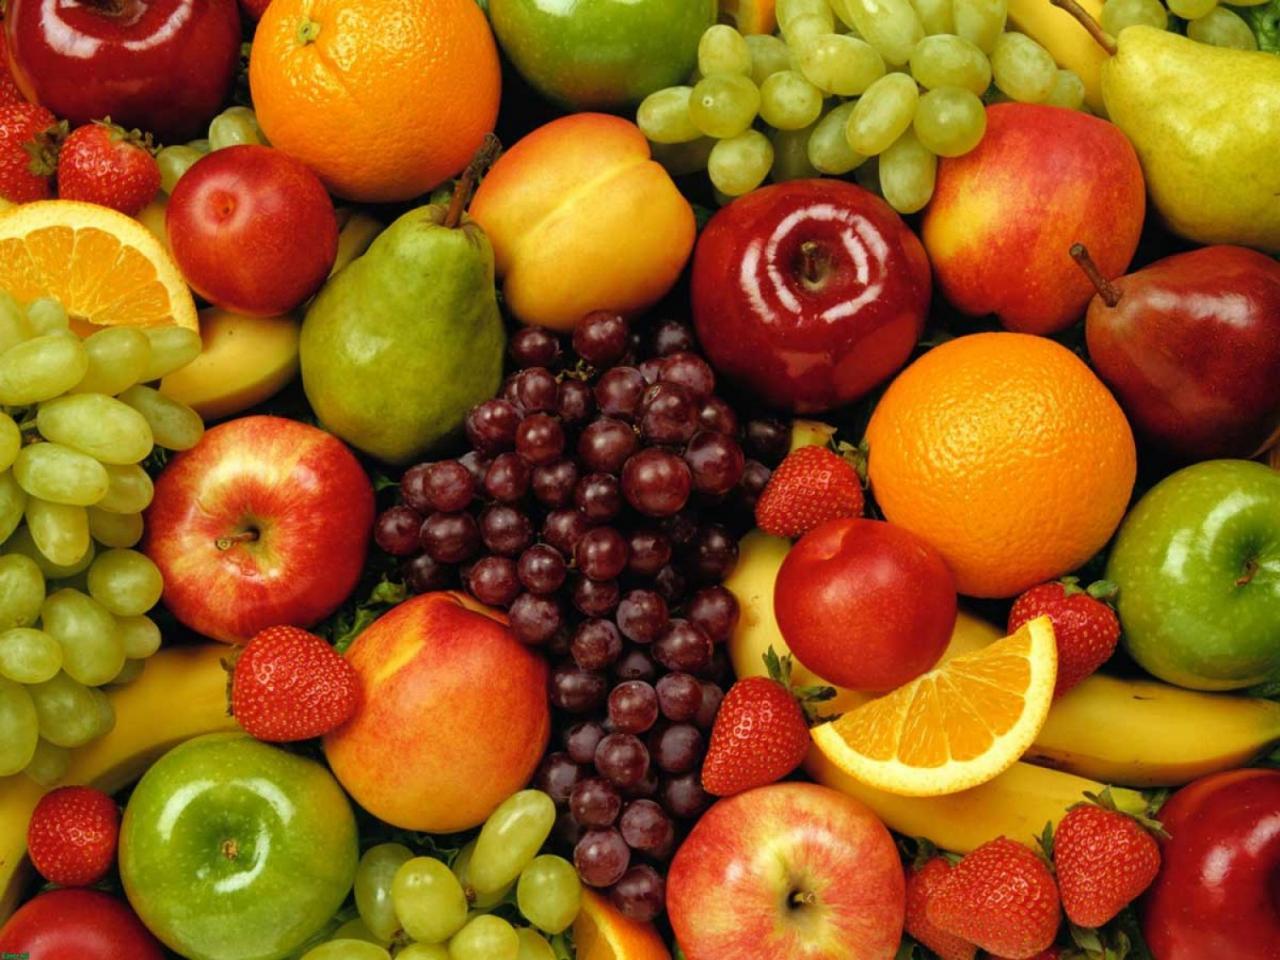 صور فواكه مفيدة لمرضى السكر , انواع الفواكه لمرضى السكر